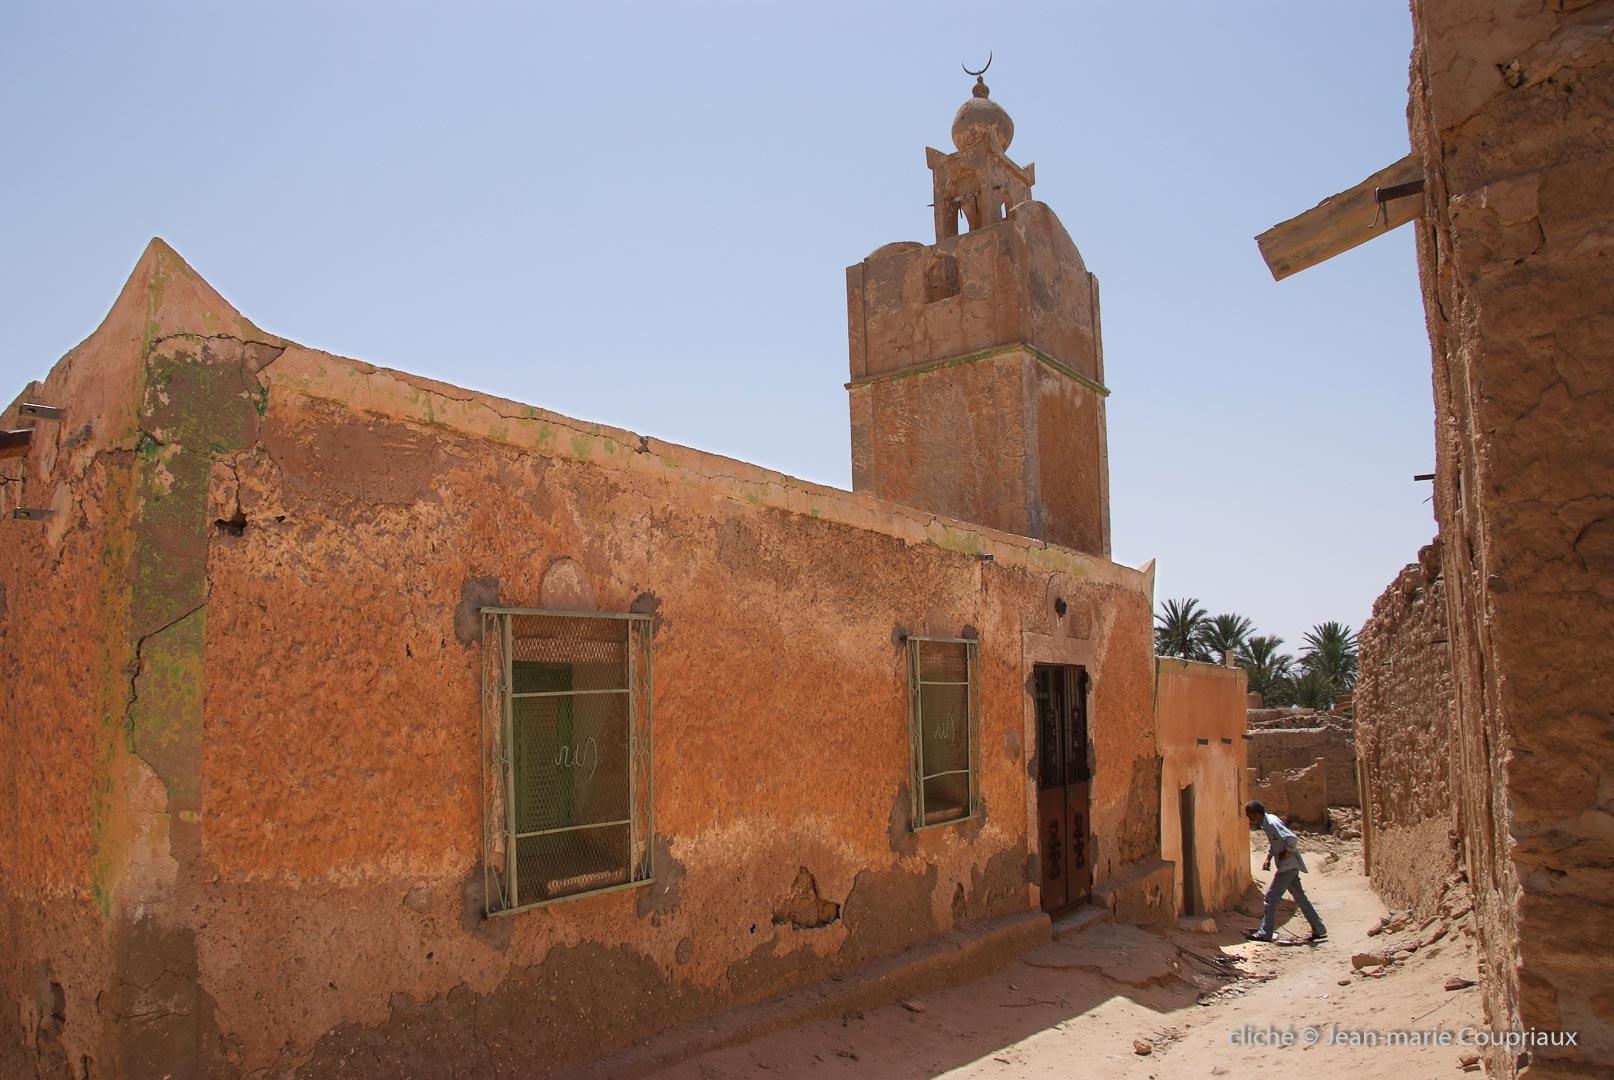 802-2011_Algerie-643